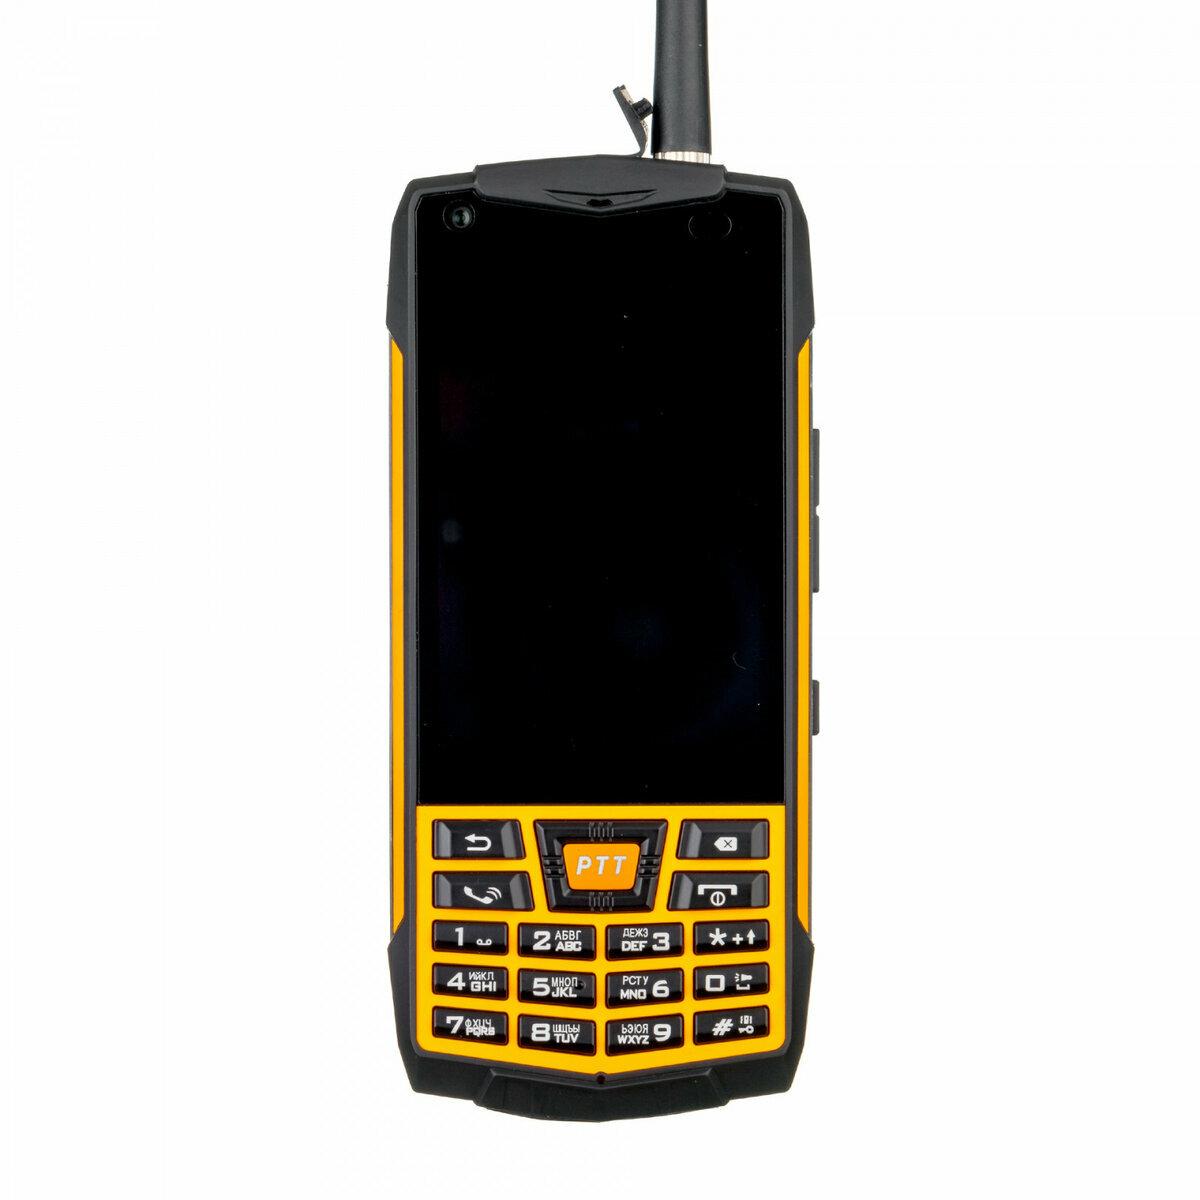 Телефон LAND ROVER N2 в Астрахани